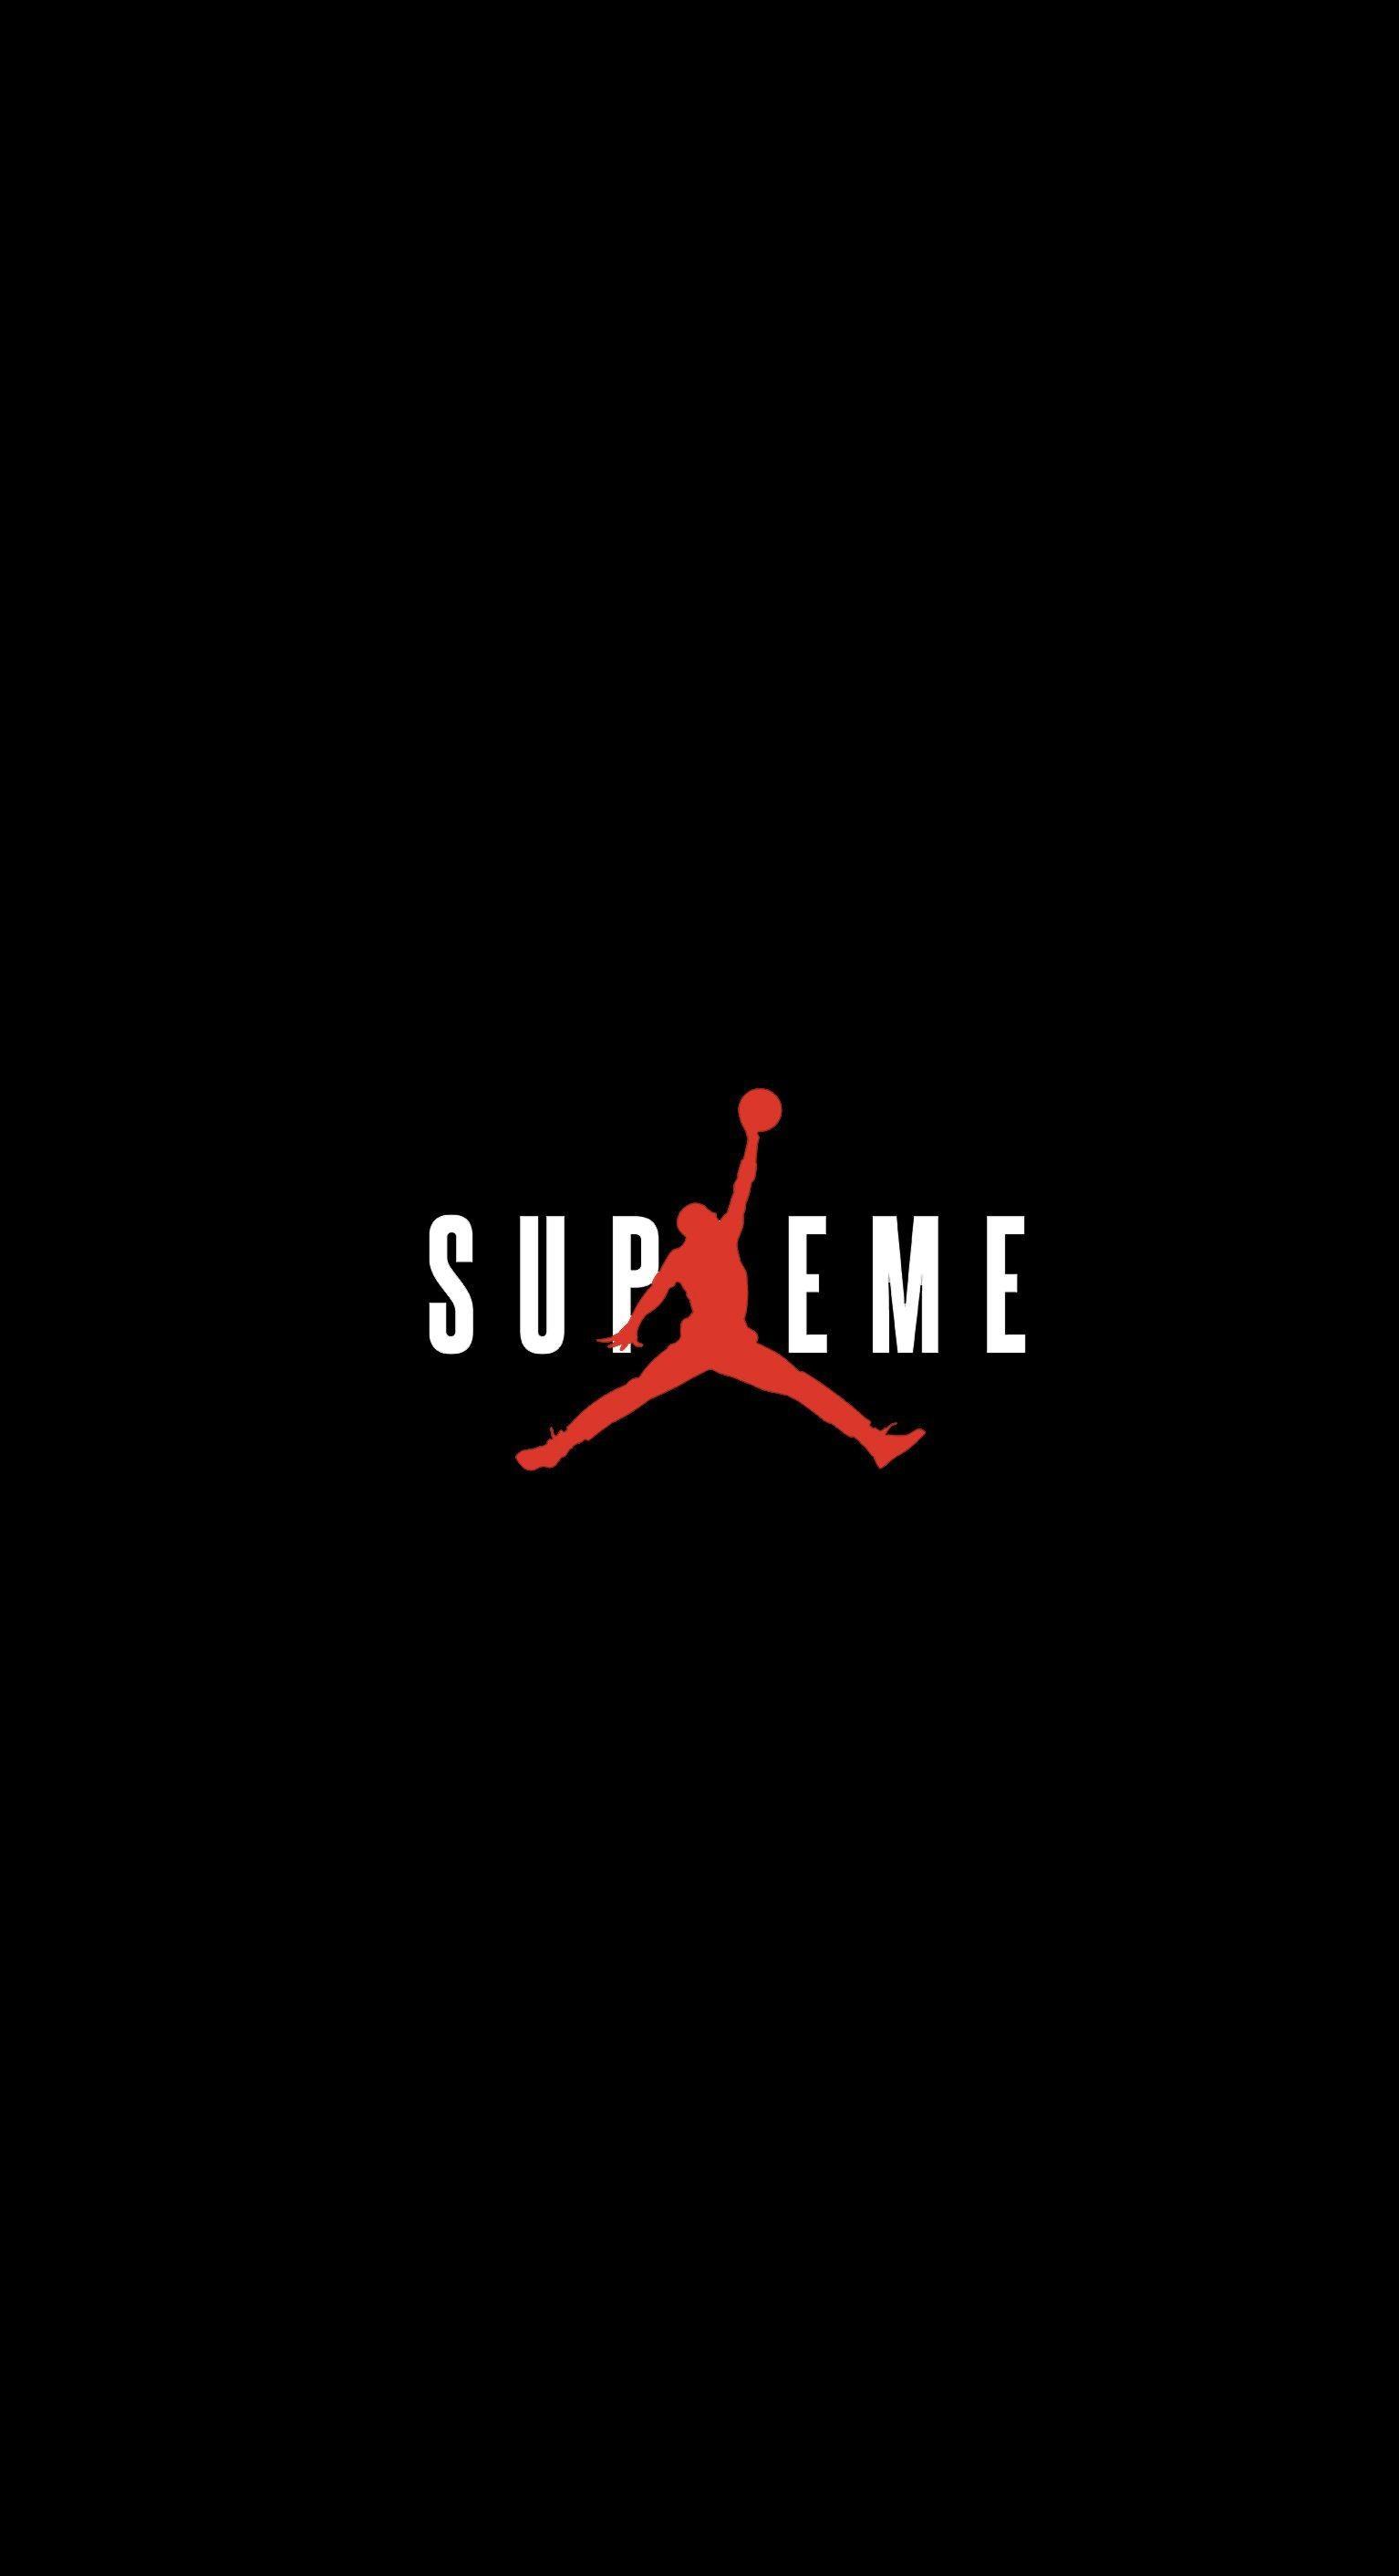 Nike Air Jordan Wallpaper 1